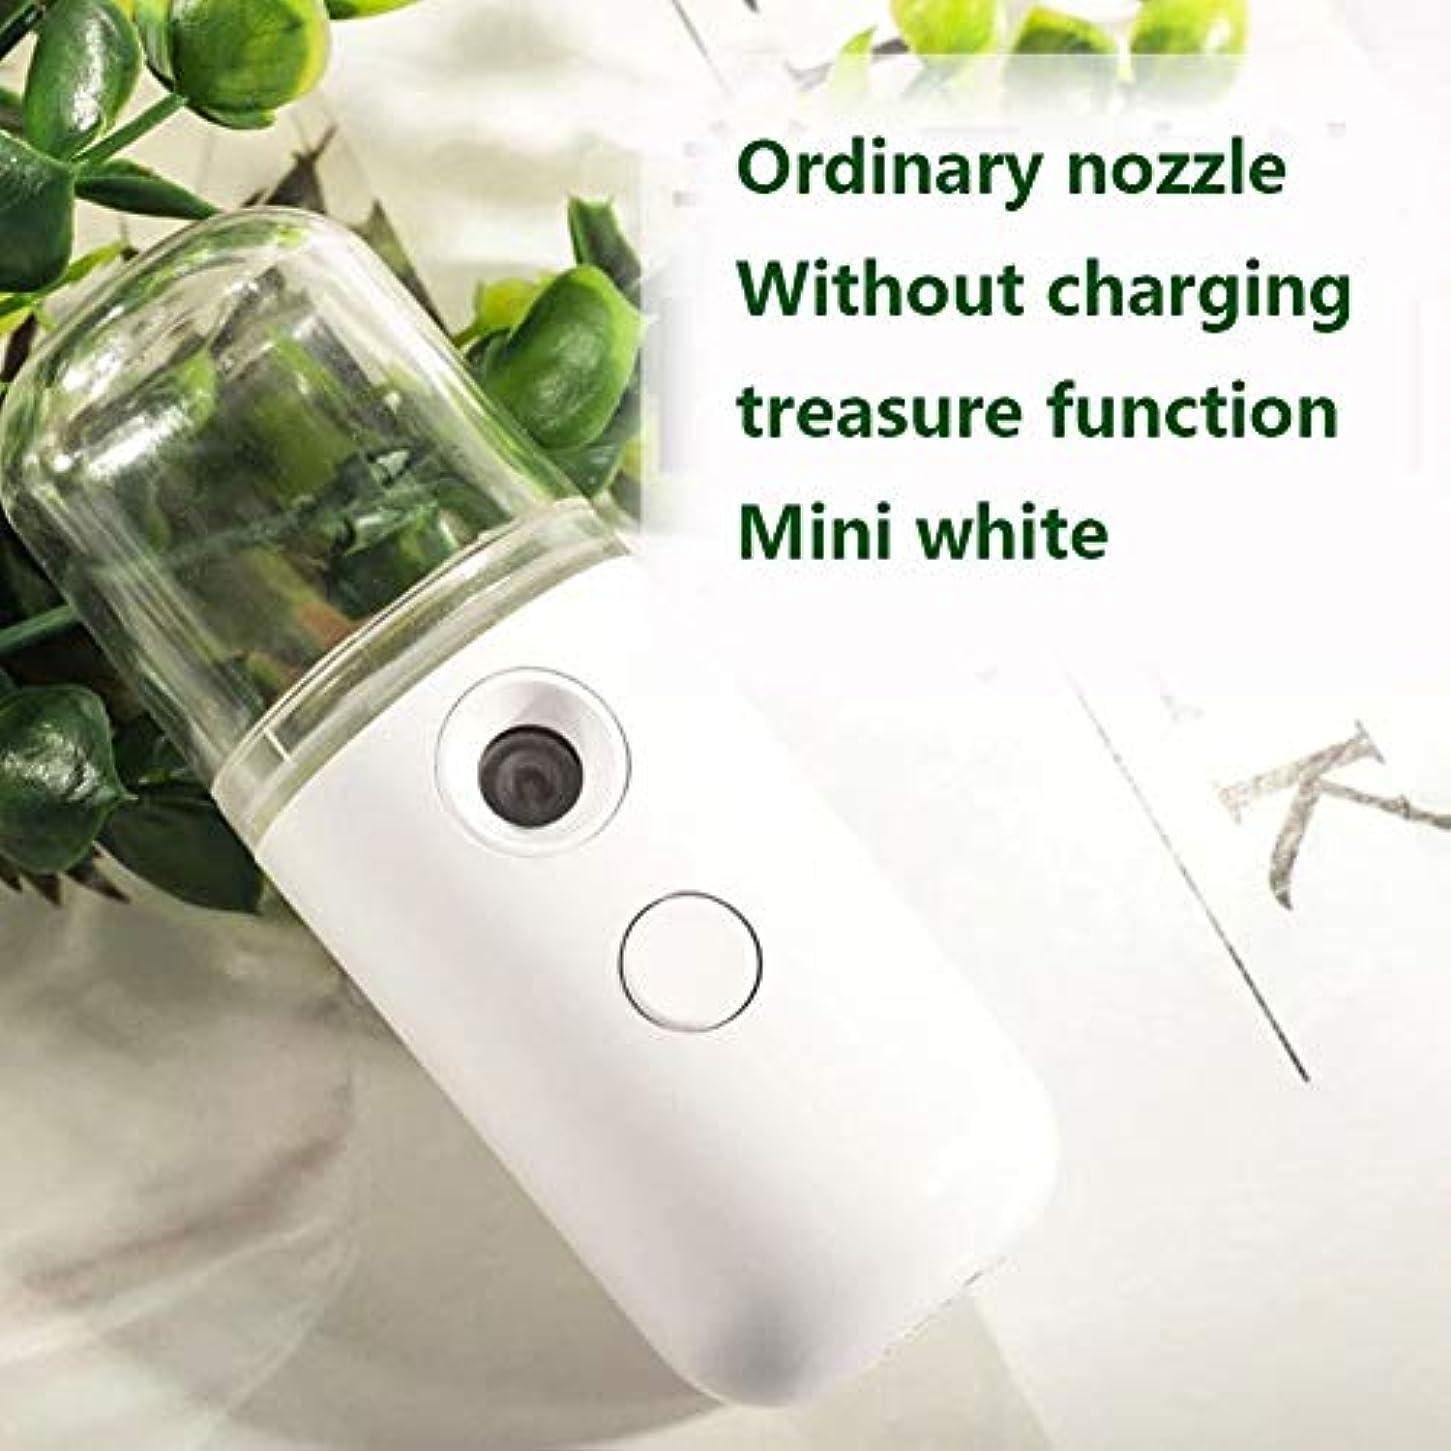 クラシックナノフェイシャルミスターフェイシャルスプレーヤーナノイオンスプレーヤー保湿オイルコントロール、非常用電源、複数のスタイル (Color : Mini-white)